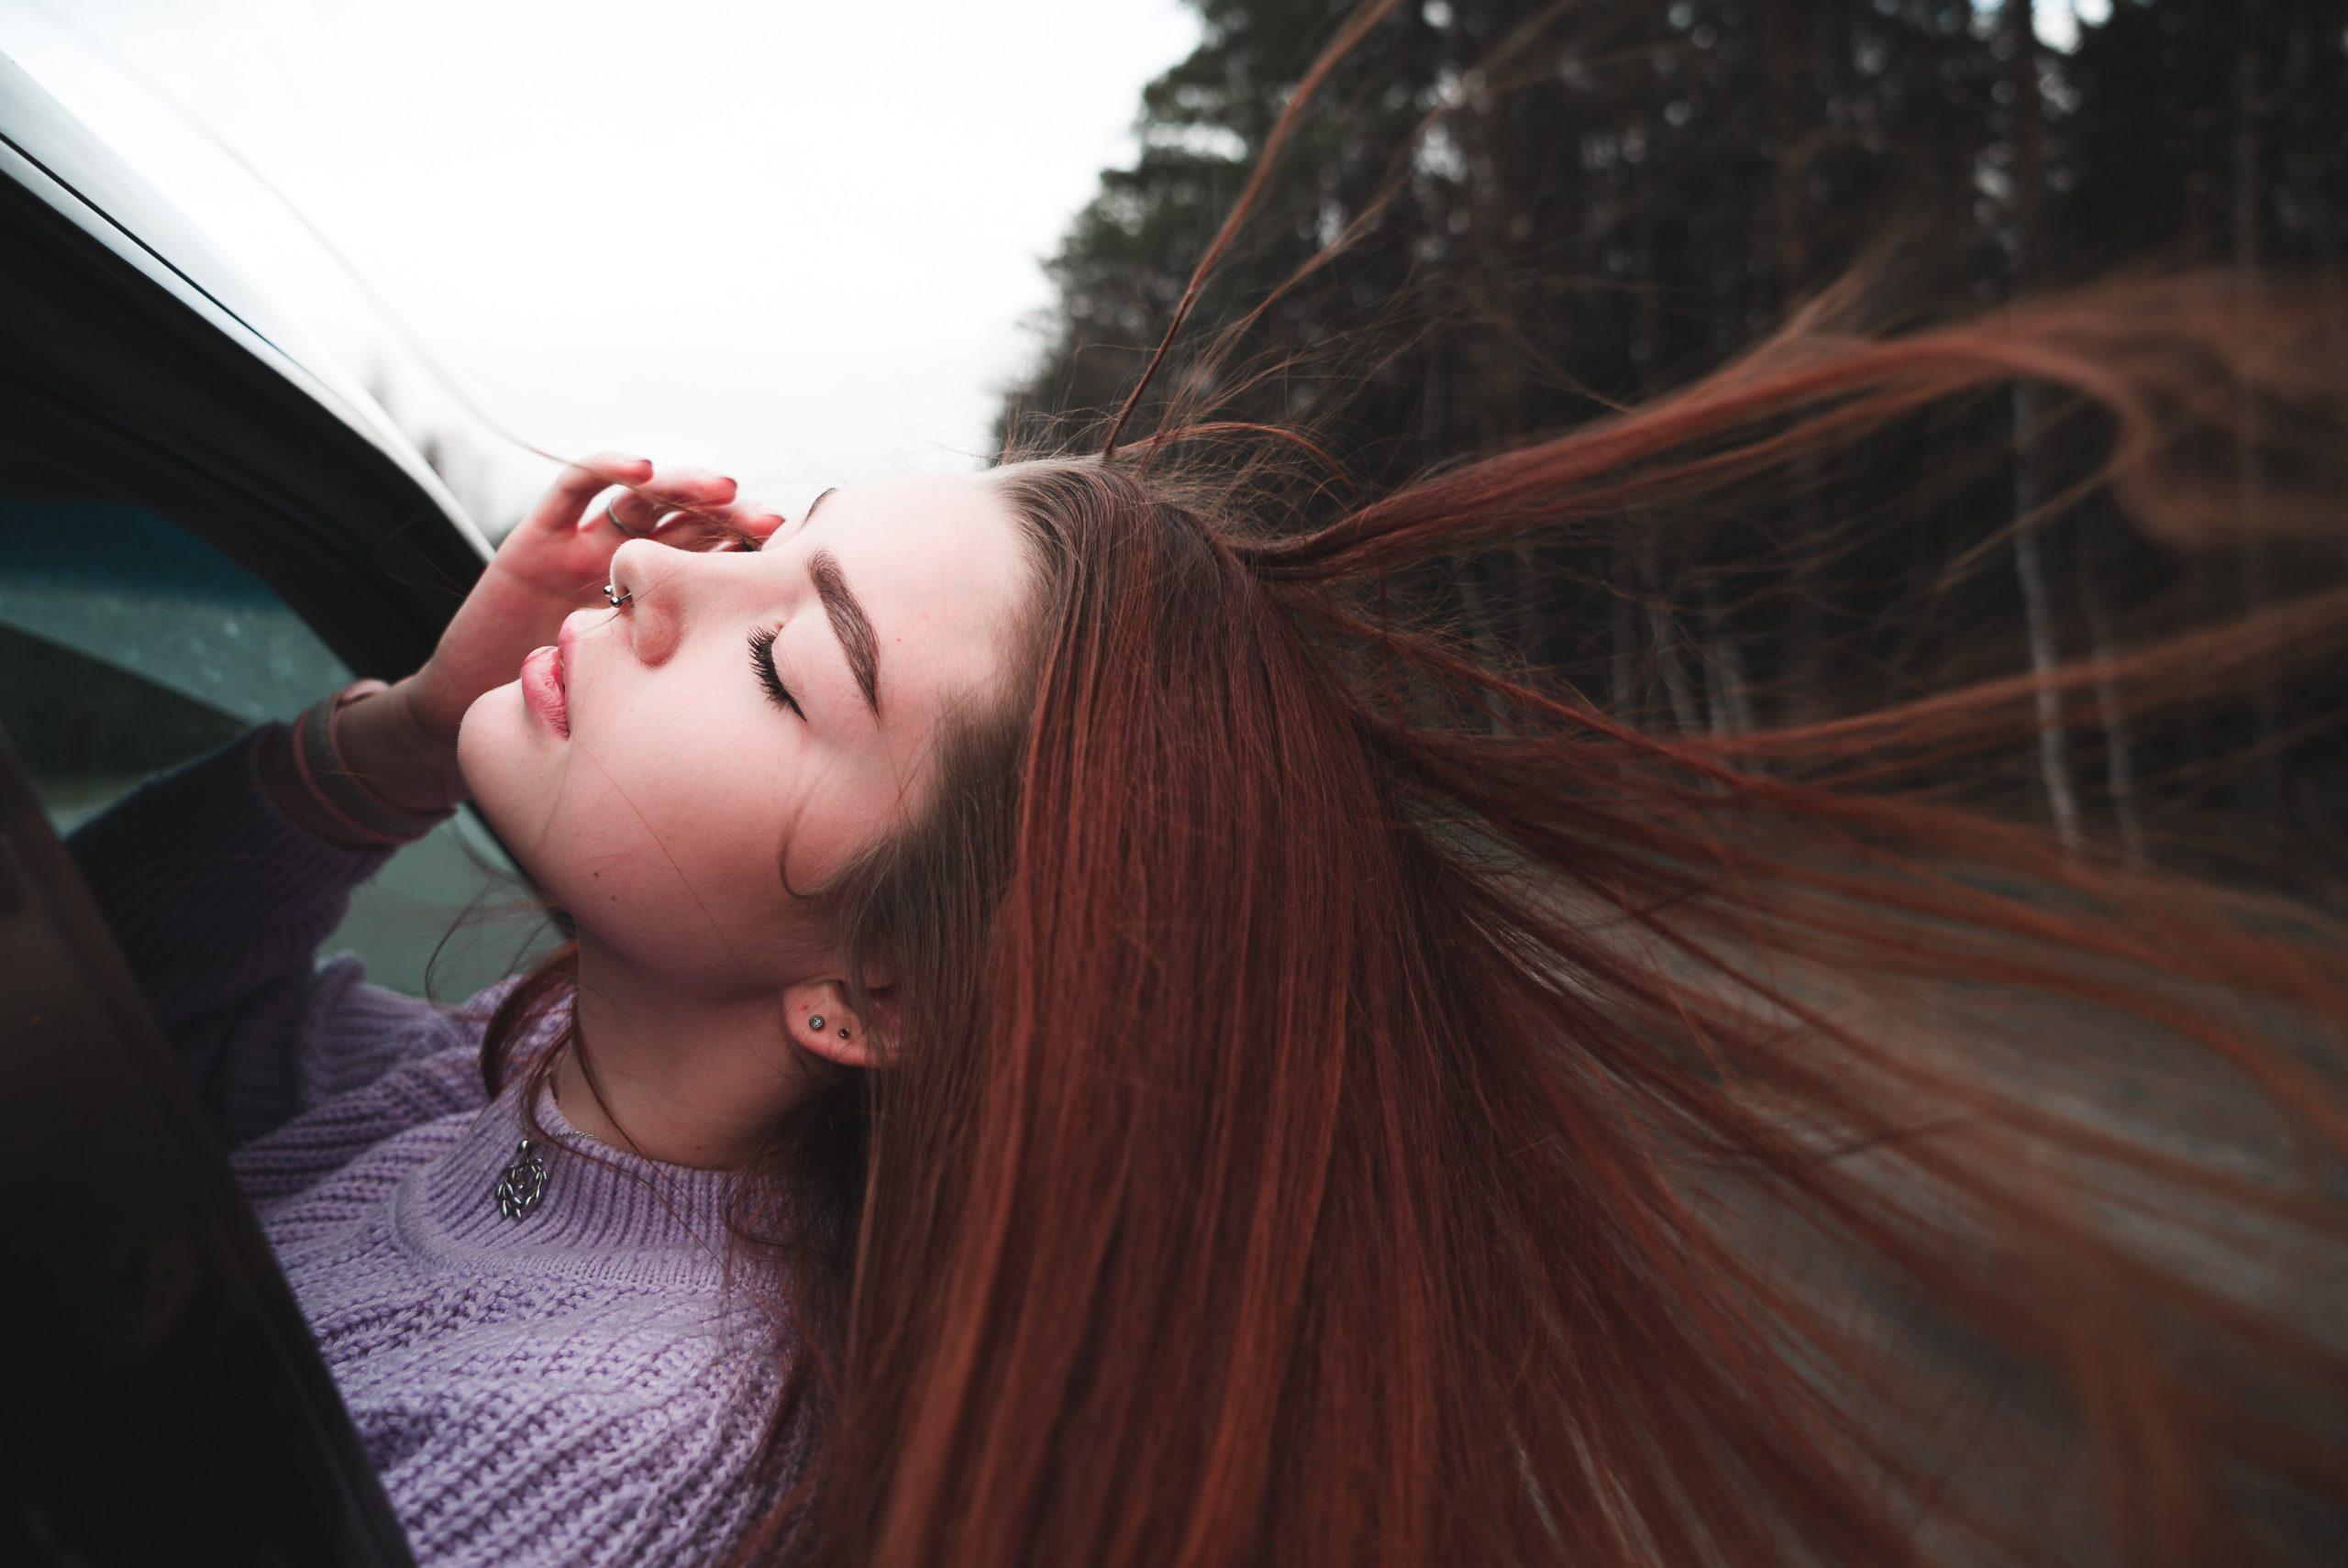 ilya-shishikhin-EDrUWXLOTT8-unsplash